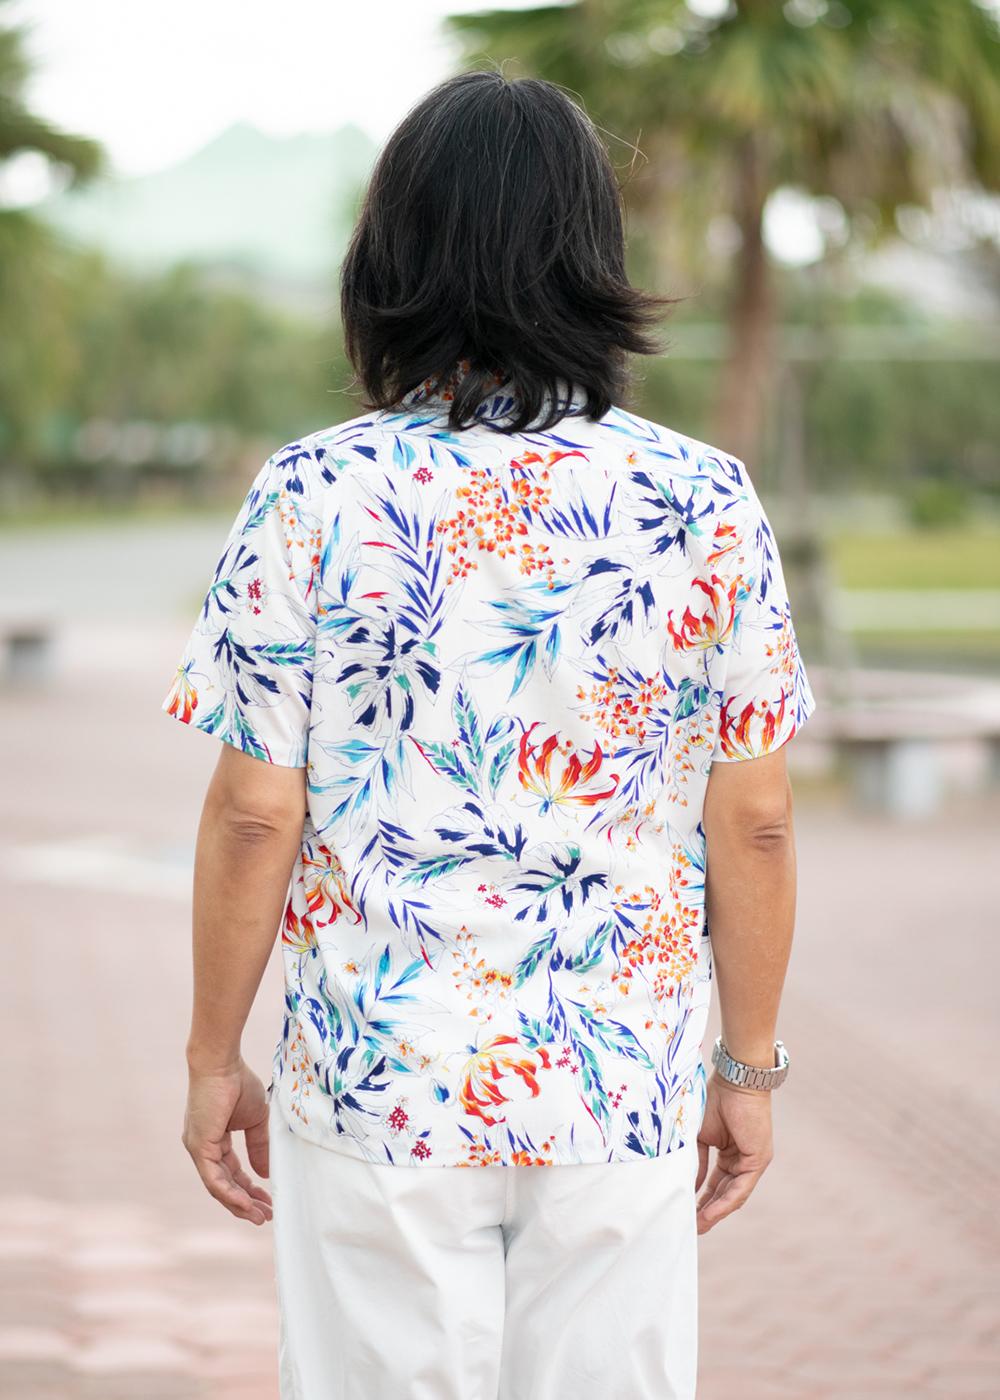 かりゆしウェア(沖縄版アロハシャツ) MAJUN - ブリリアントリゾート